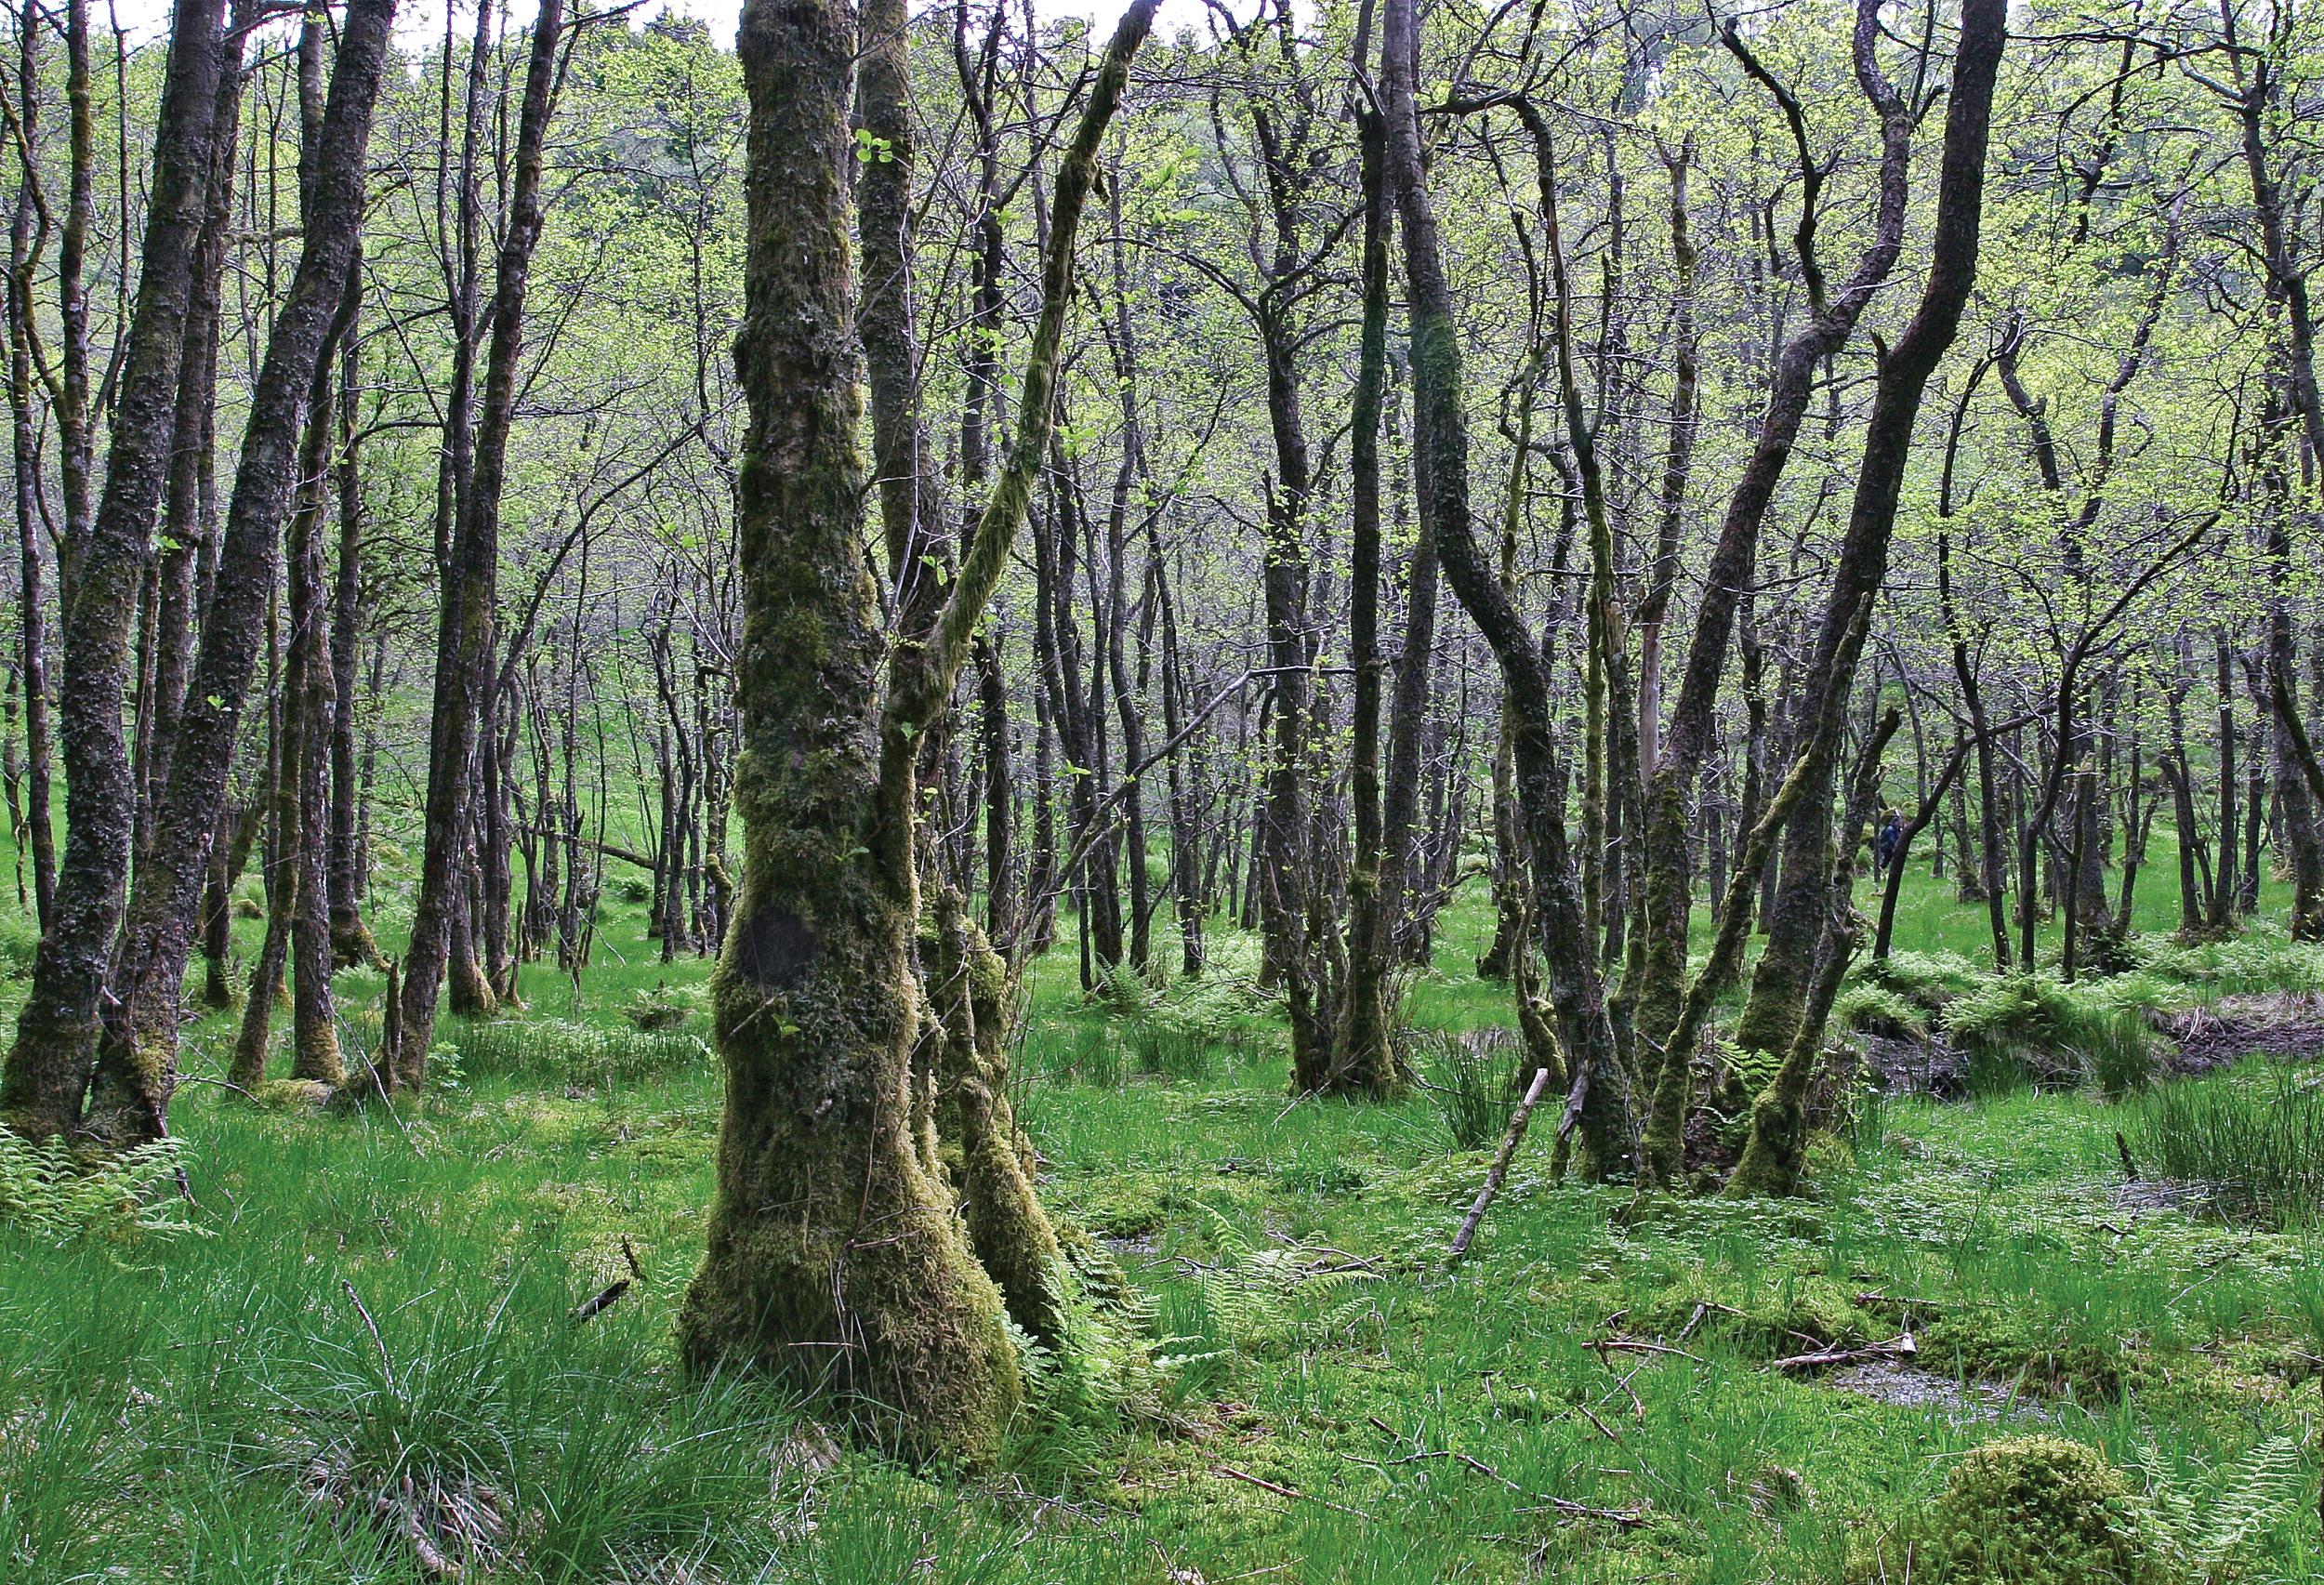 Skogsertifiseringen sørger for at viktige livsmiljøer sikres eller utvikles, blant annet gjennom spesiell behandling av verdifulle biotoper som slike svartorsumpskoger. Lindås, Hordaland. Foto: John Yngvar Larsson, NIBIO